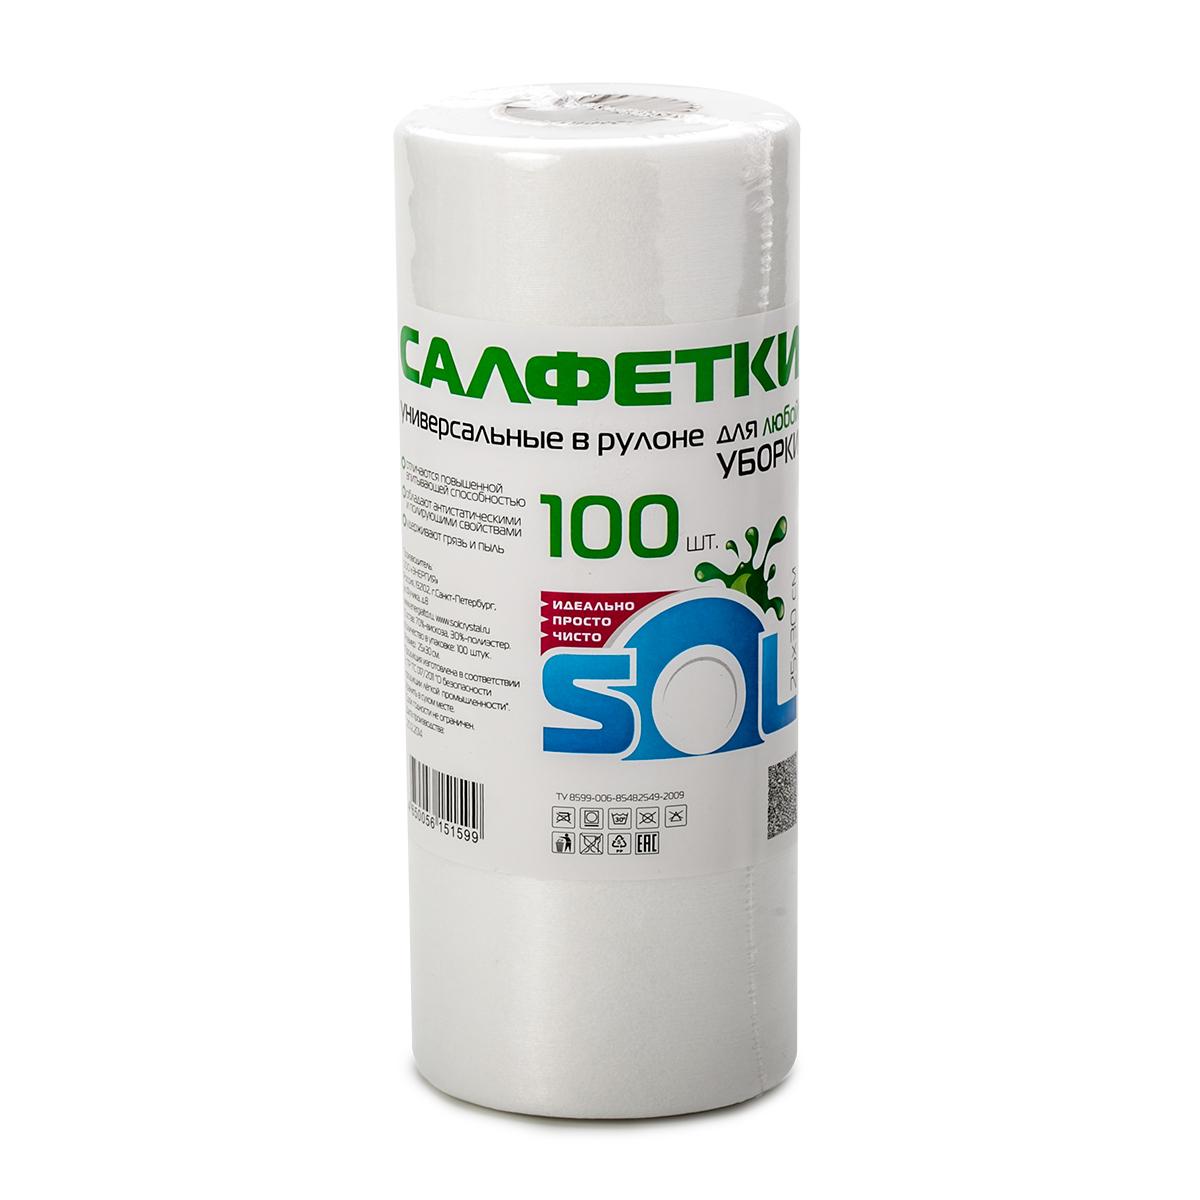 Салфетка для уборки Sol, в рулоне, 25 x 30 см, 100 шт10015Салфетки для уборки Sol могут использоваться многократно и предназначены для мытья и протирания любых поверхностей. Выполнены из вискозы и полиэстера. Салфетки прекрасно поглощают пыль и влагу, не оставляя разводов и ворсинок.